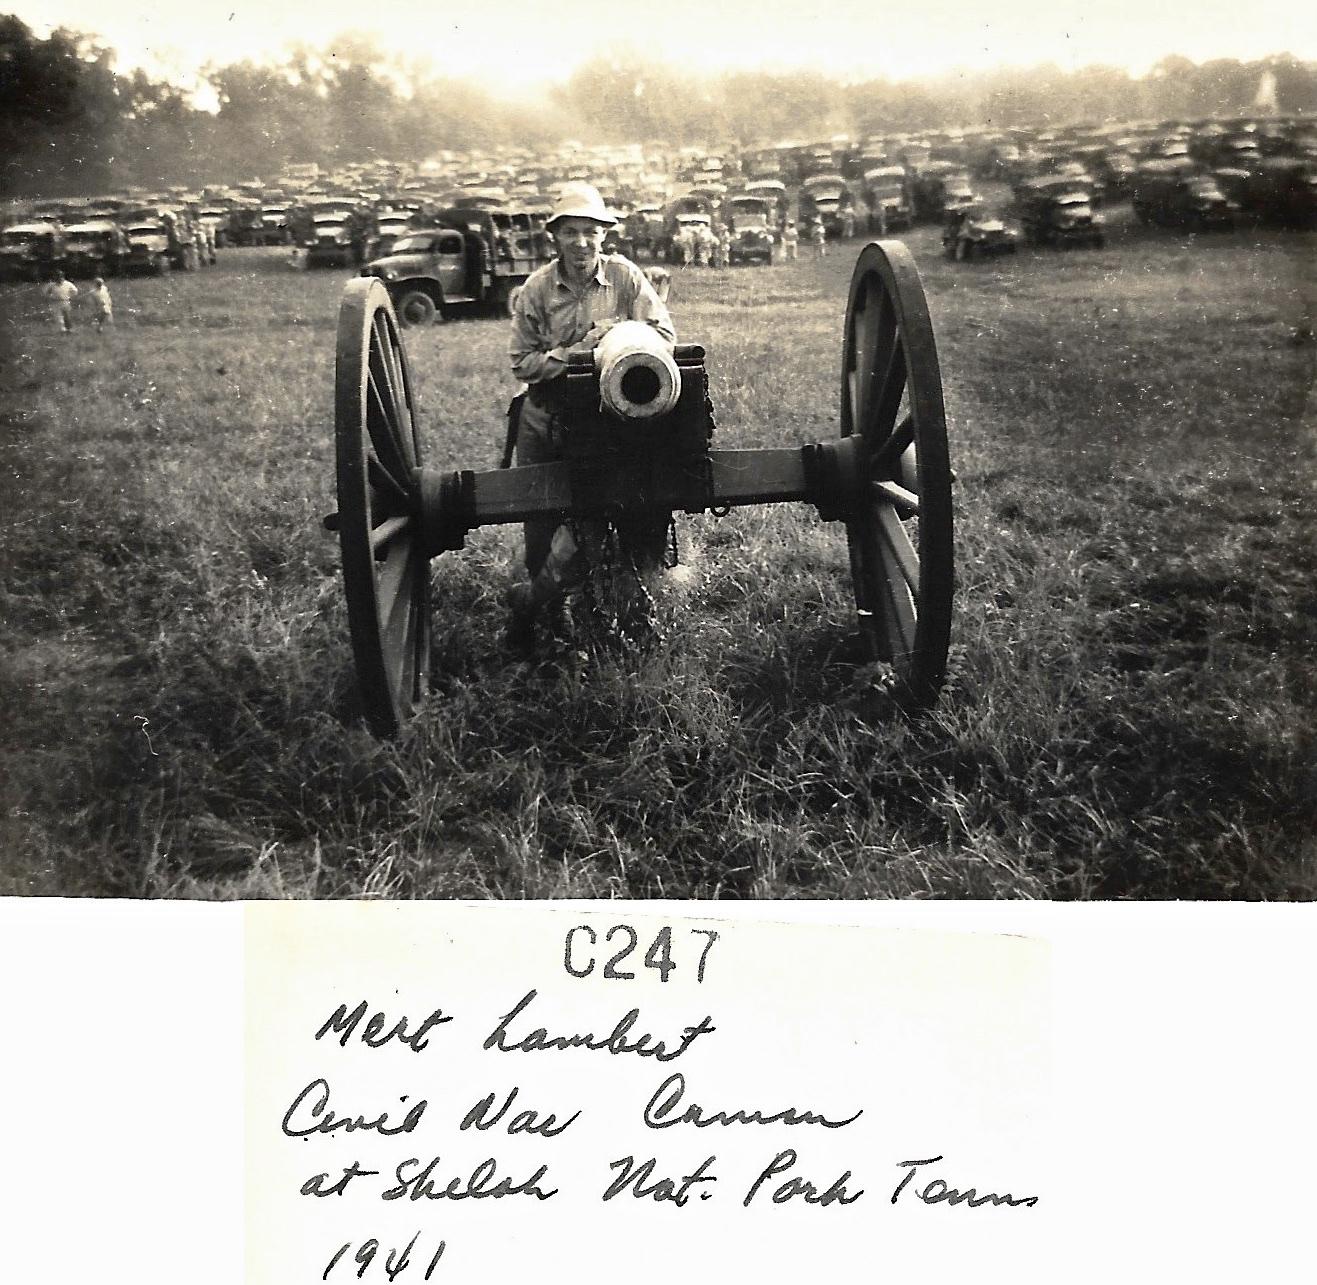 1941 Mert Lambert, Shiloh National Park, Tennessee